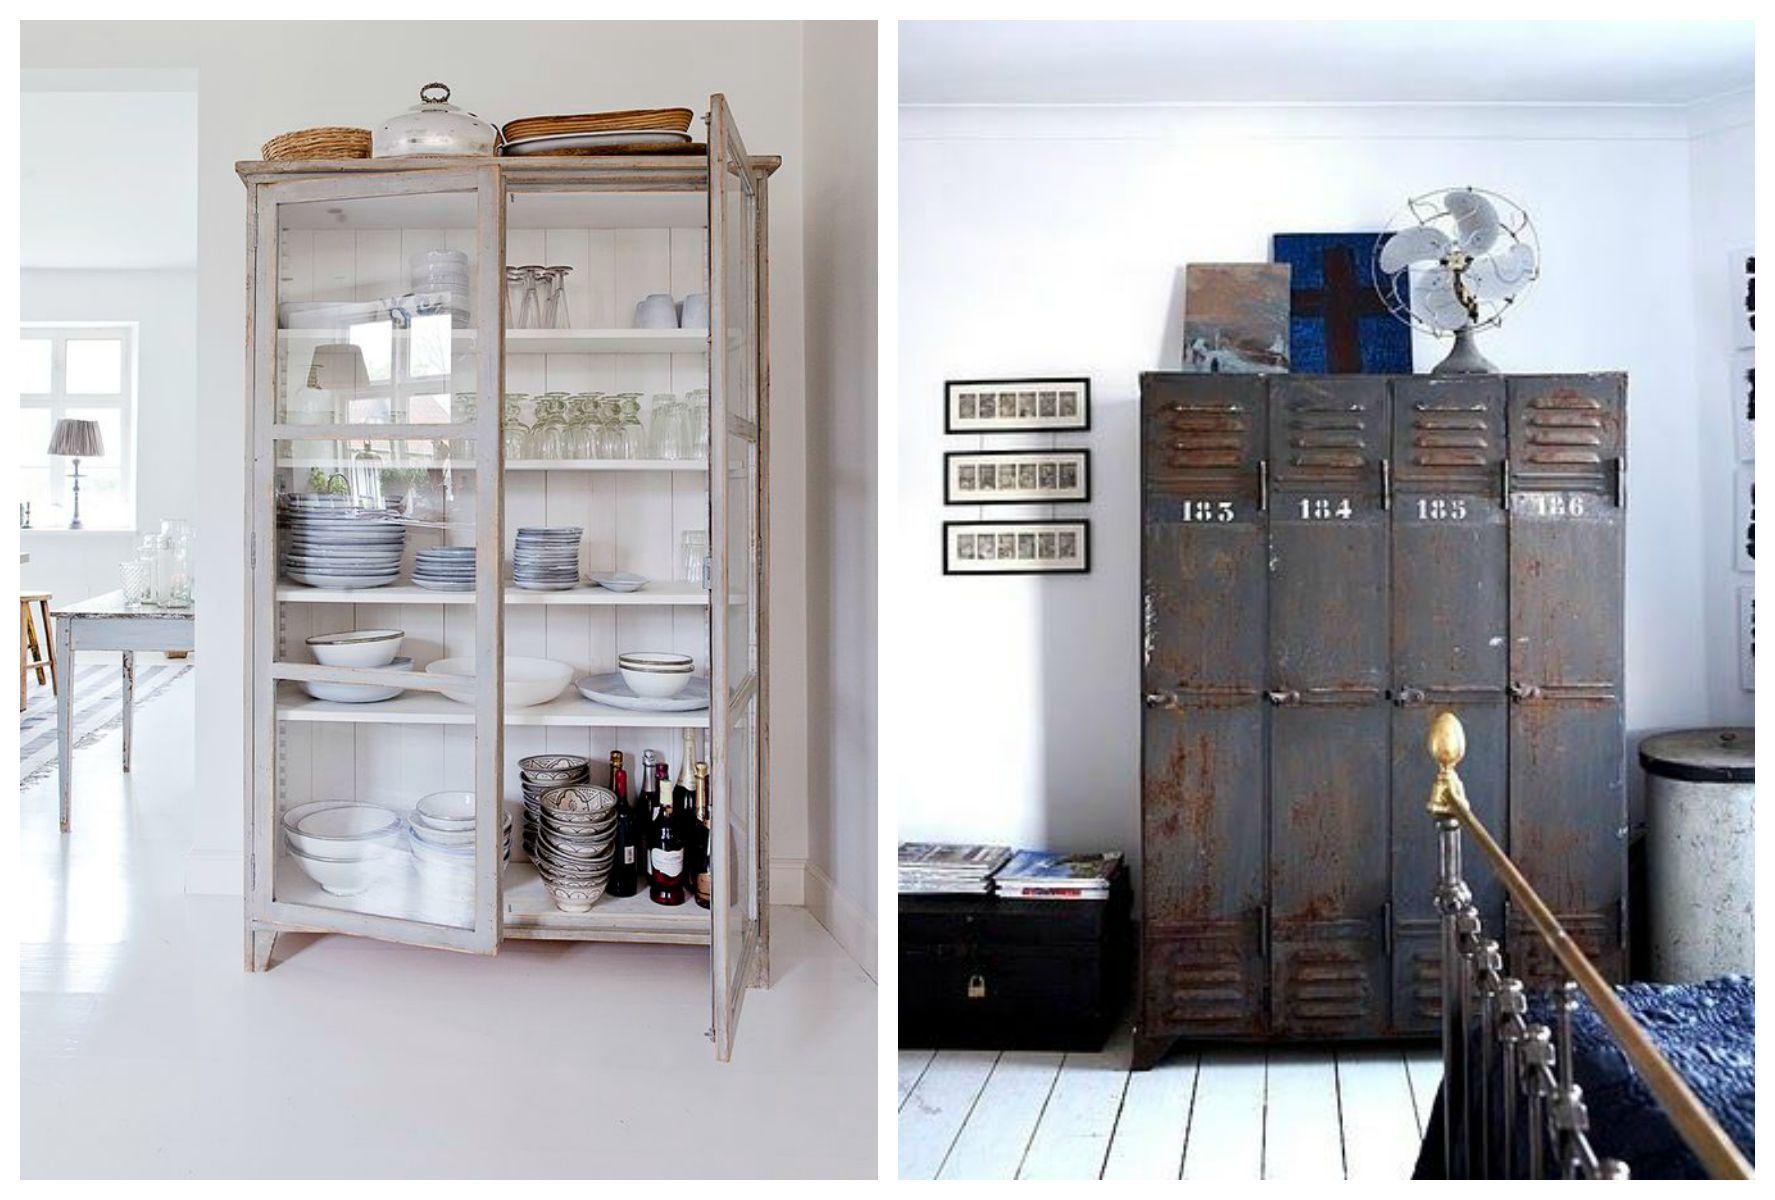 Vintage 8 oggetti per ordinare casa immagine 193291 for Oggetti moderni per casa